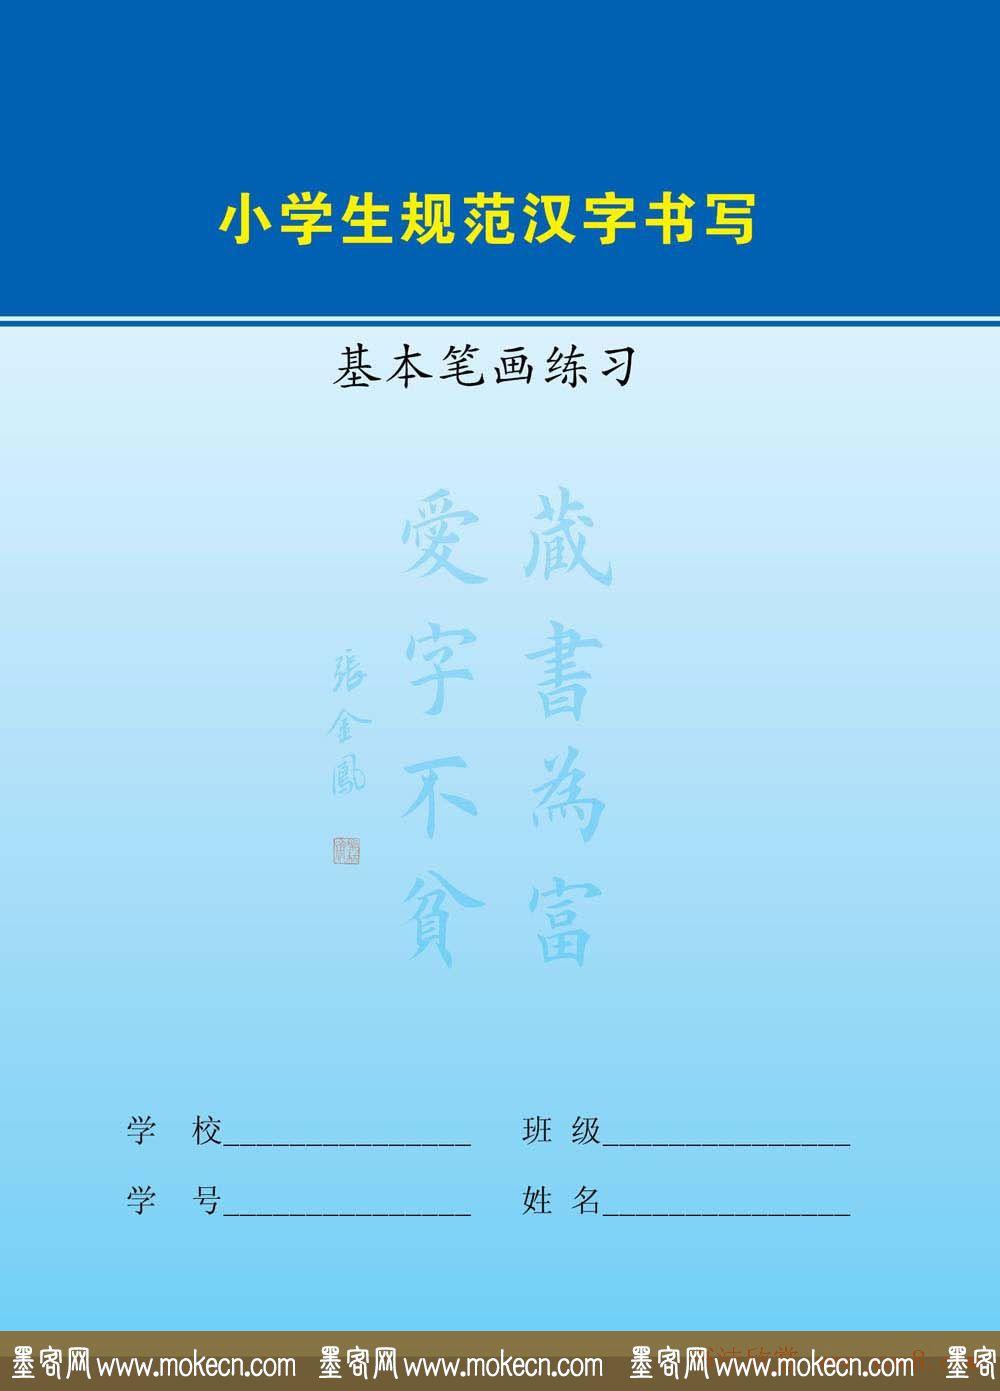 小学生规范汉字书写练习字帖